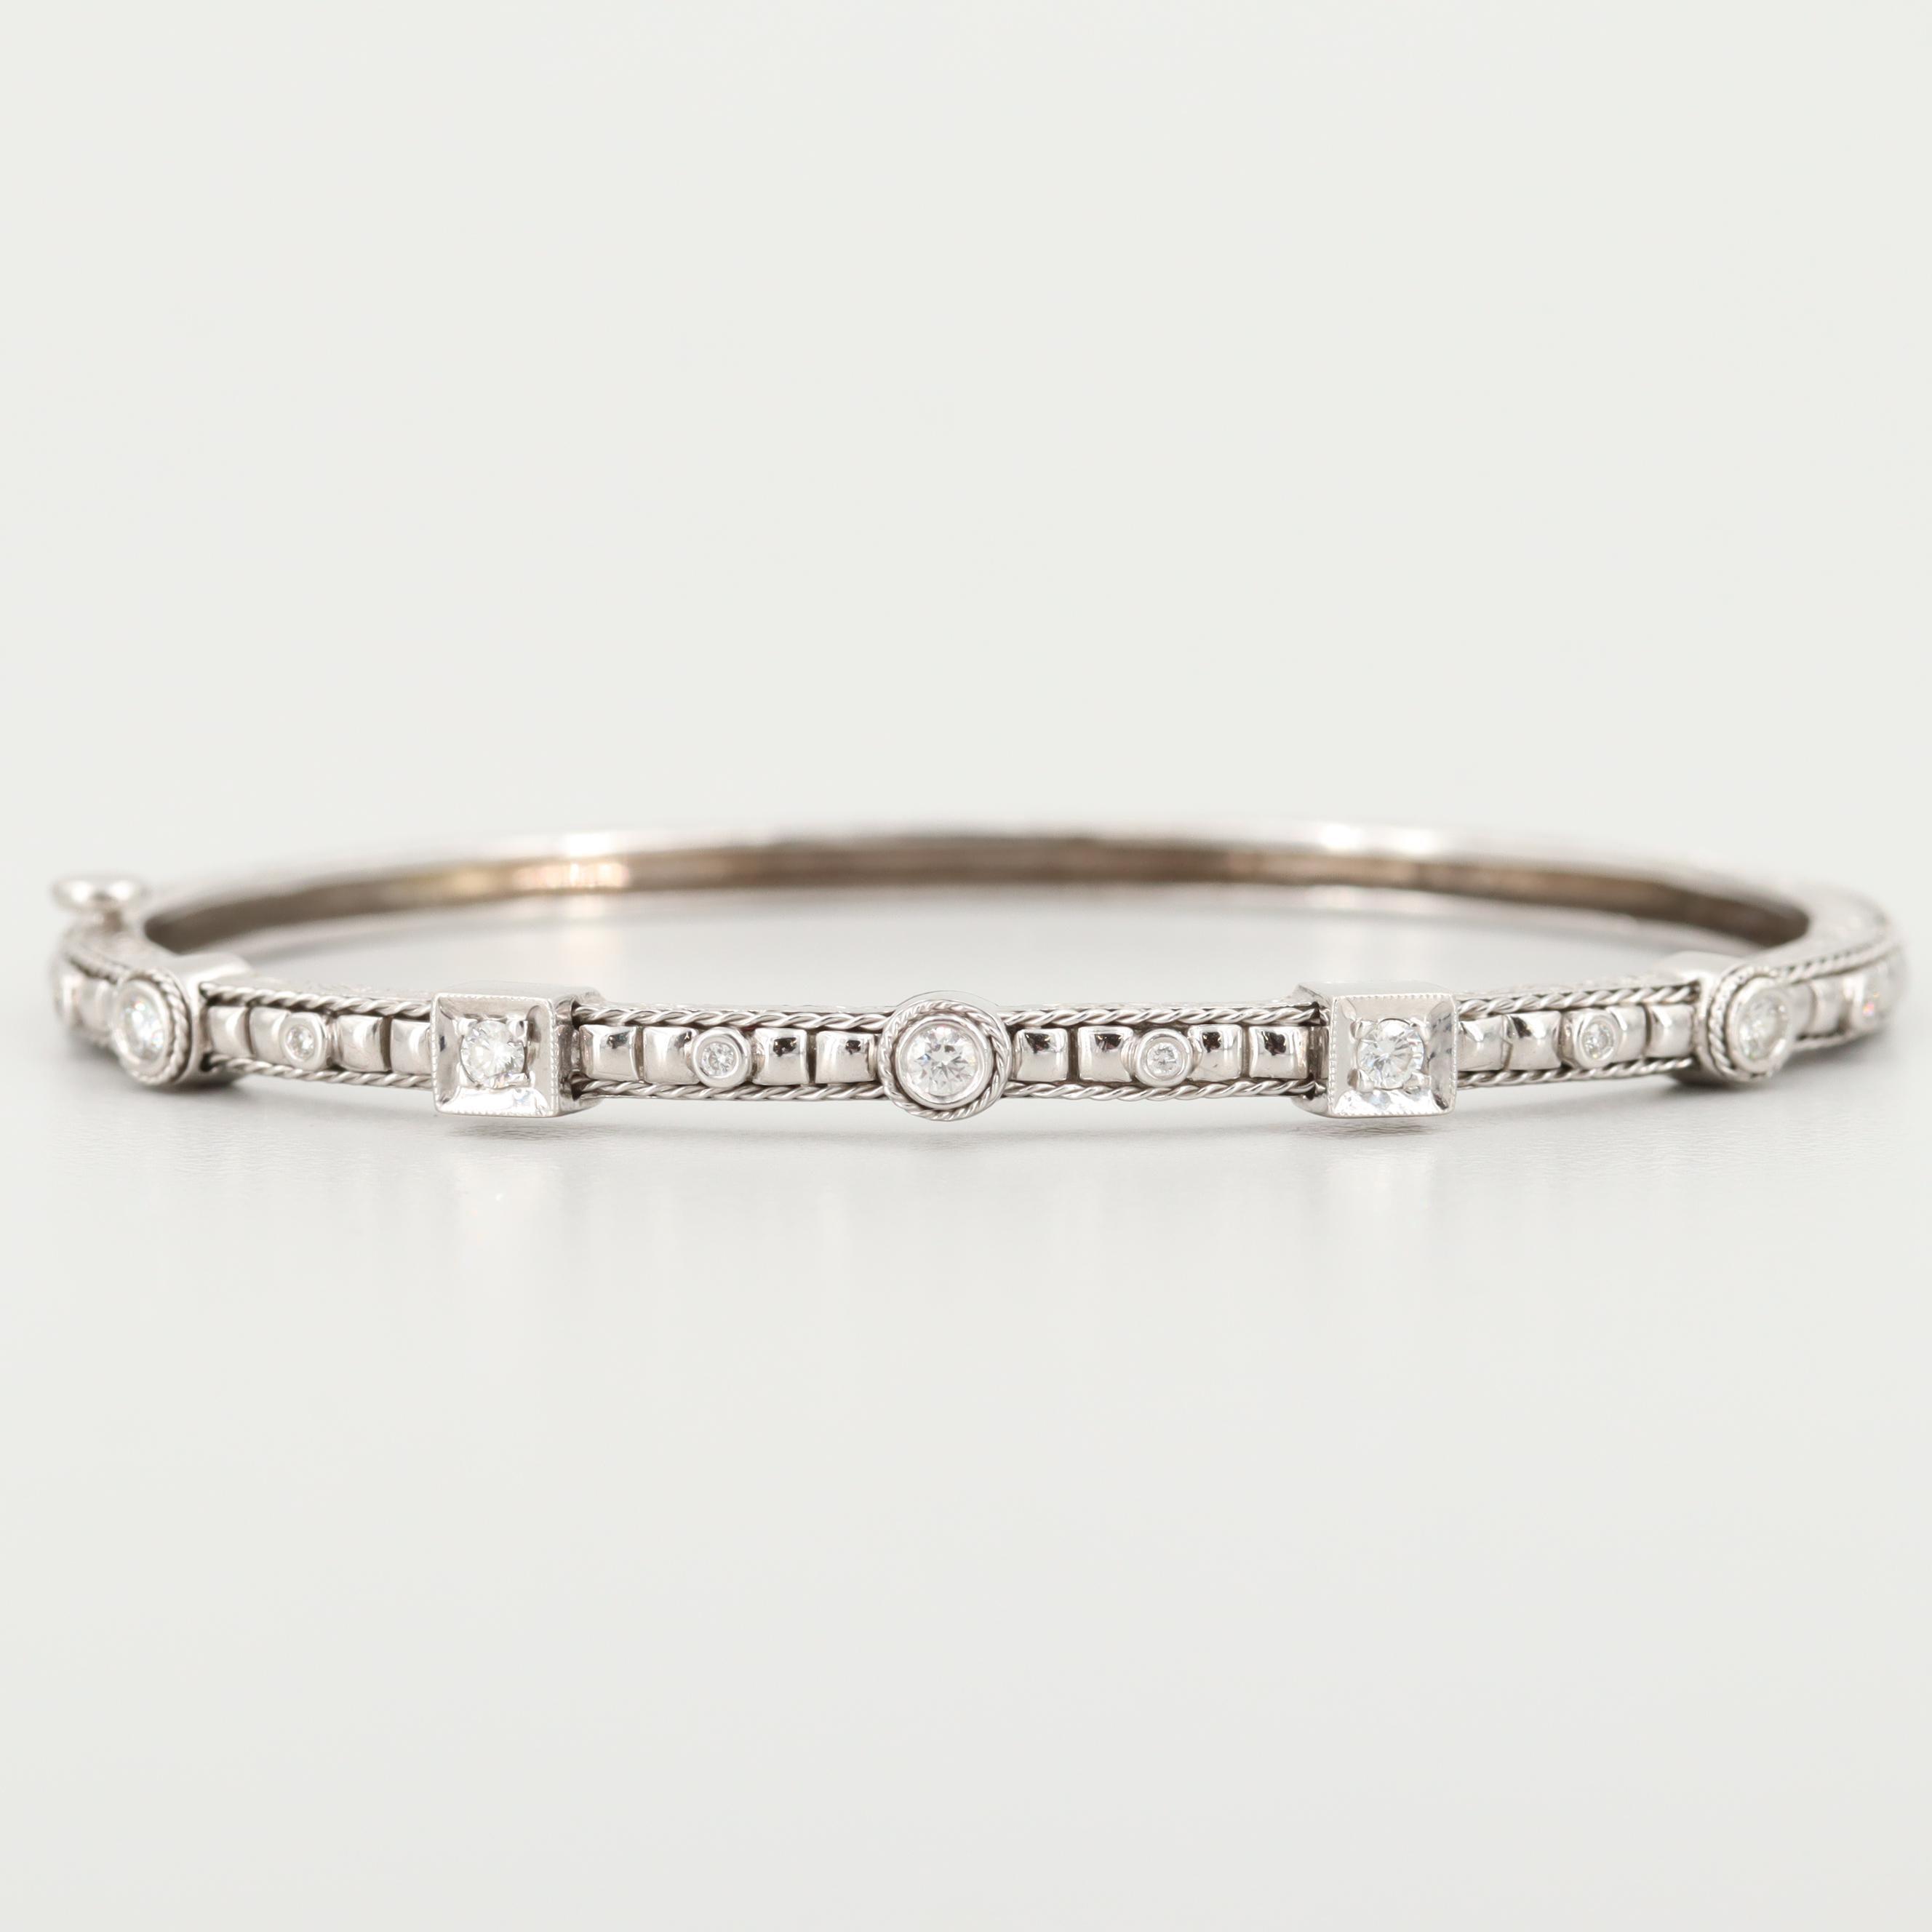 Penny Preville 18K White Gold Diamond Hinged Bangle Bracelet